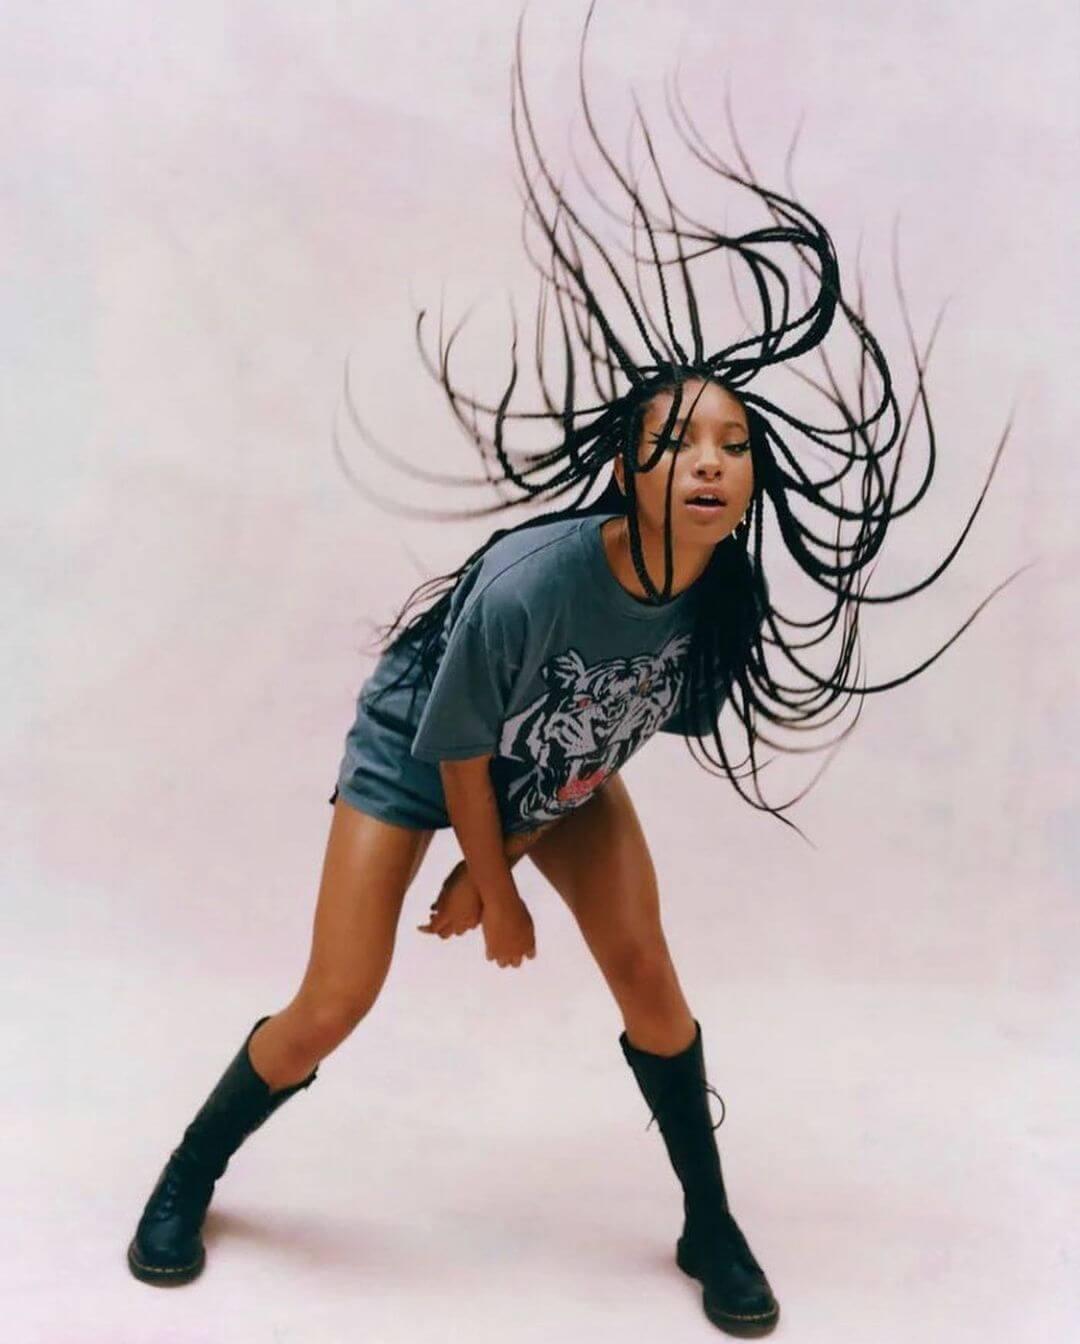 MOR.BO RIOT: Willow, la zoomer icónica que protagoniza el revival del punk de los 2000s